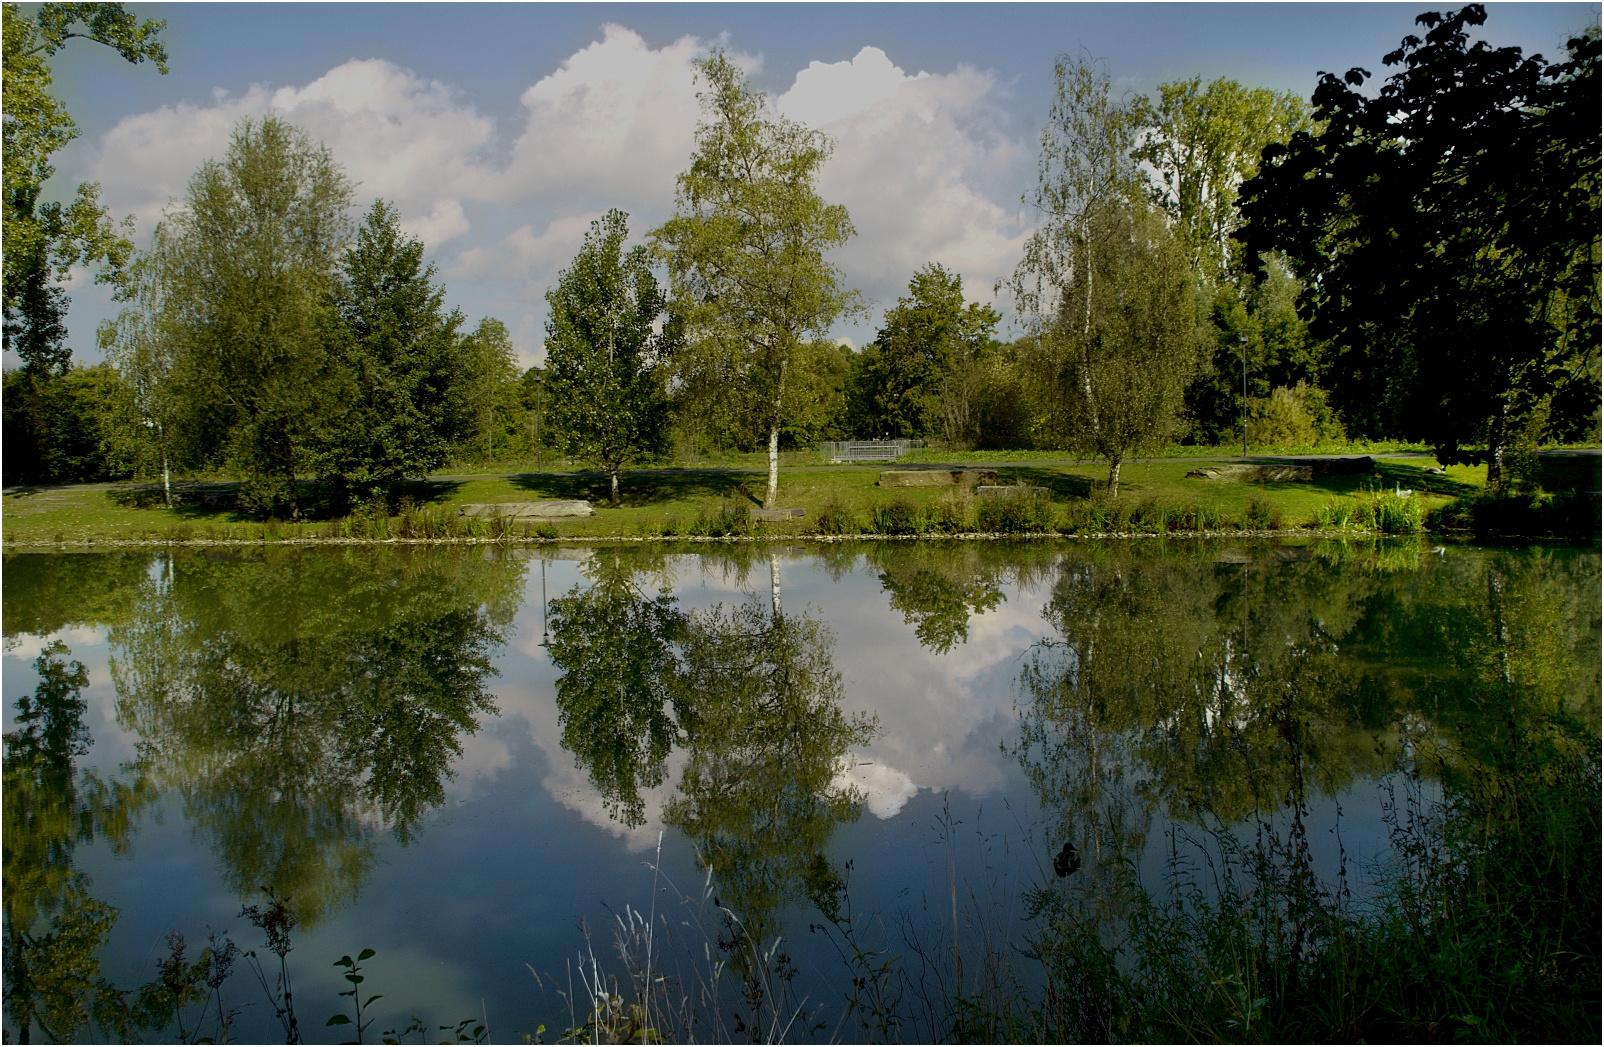 ~~Spiegelung am Teich~~